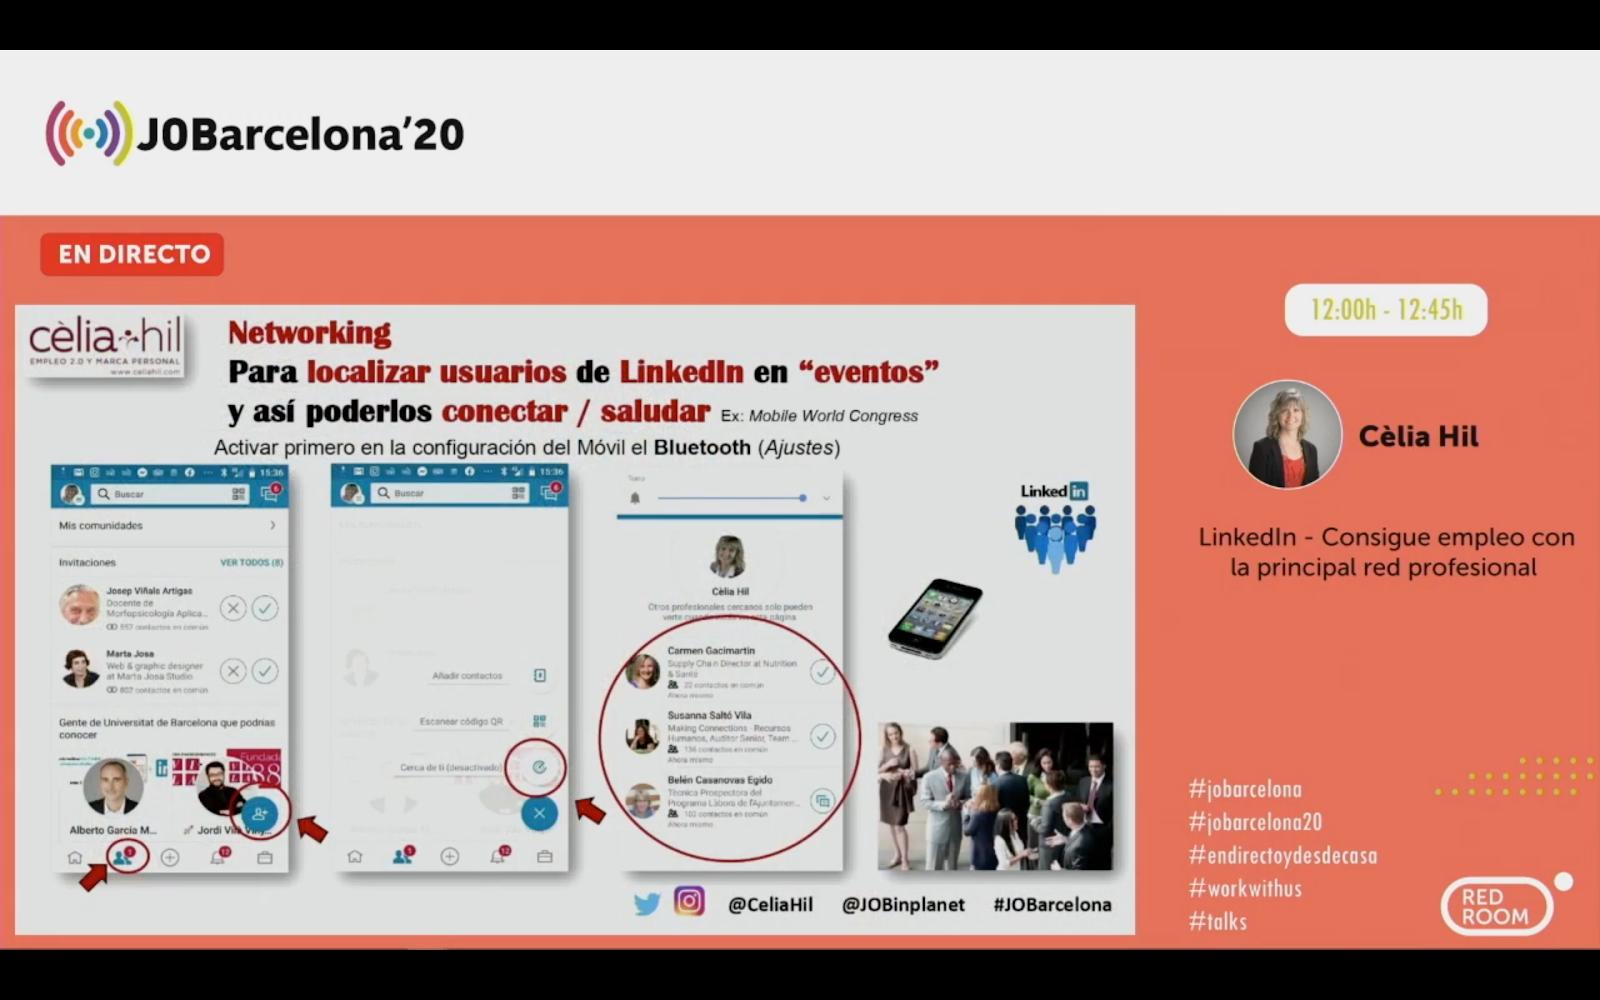 Linkedin - Consigue empleo con la principal red profesional